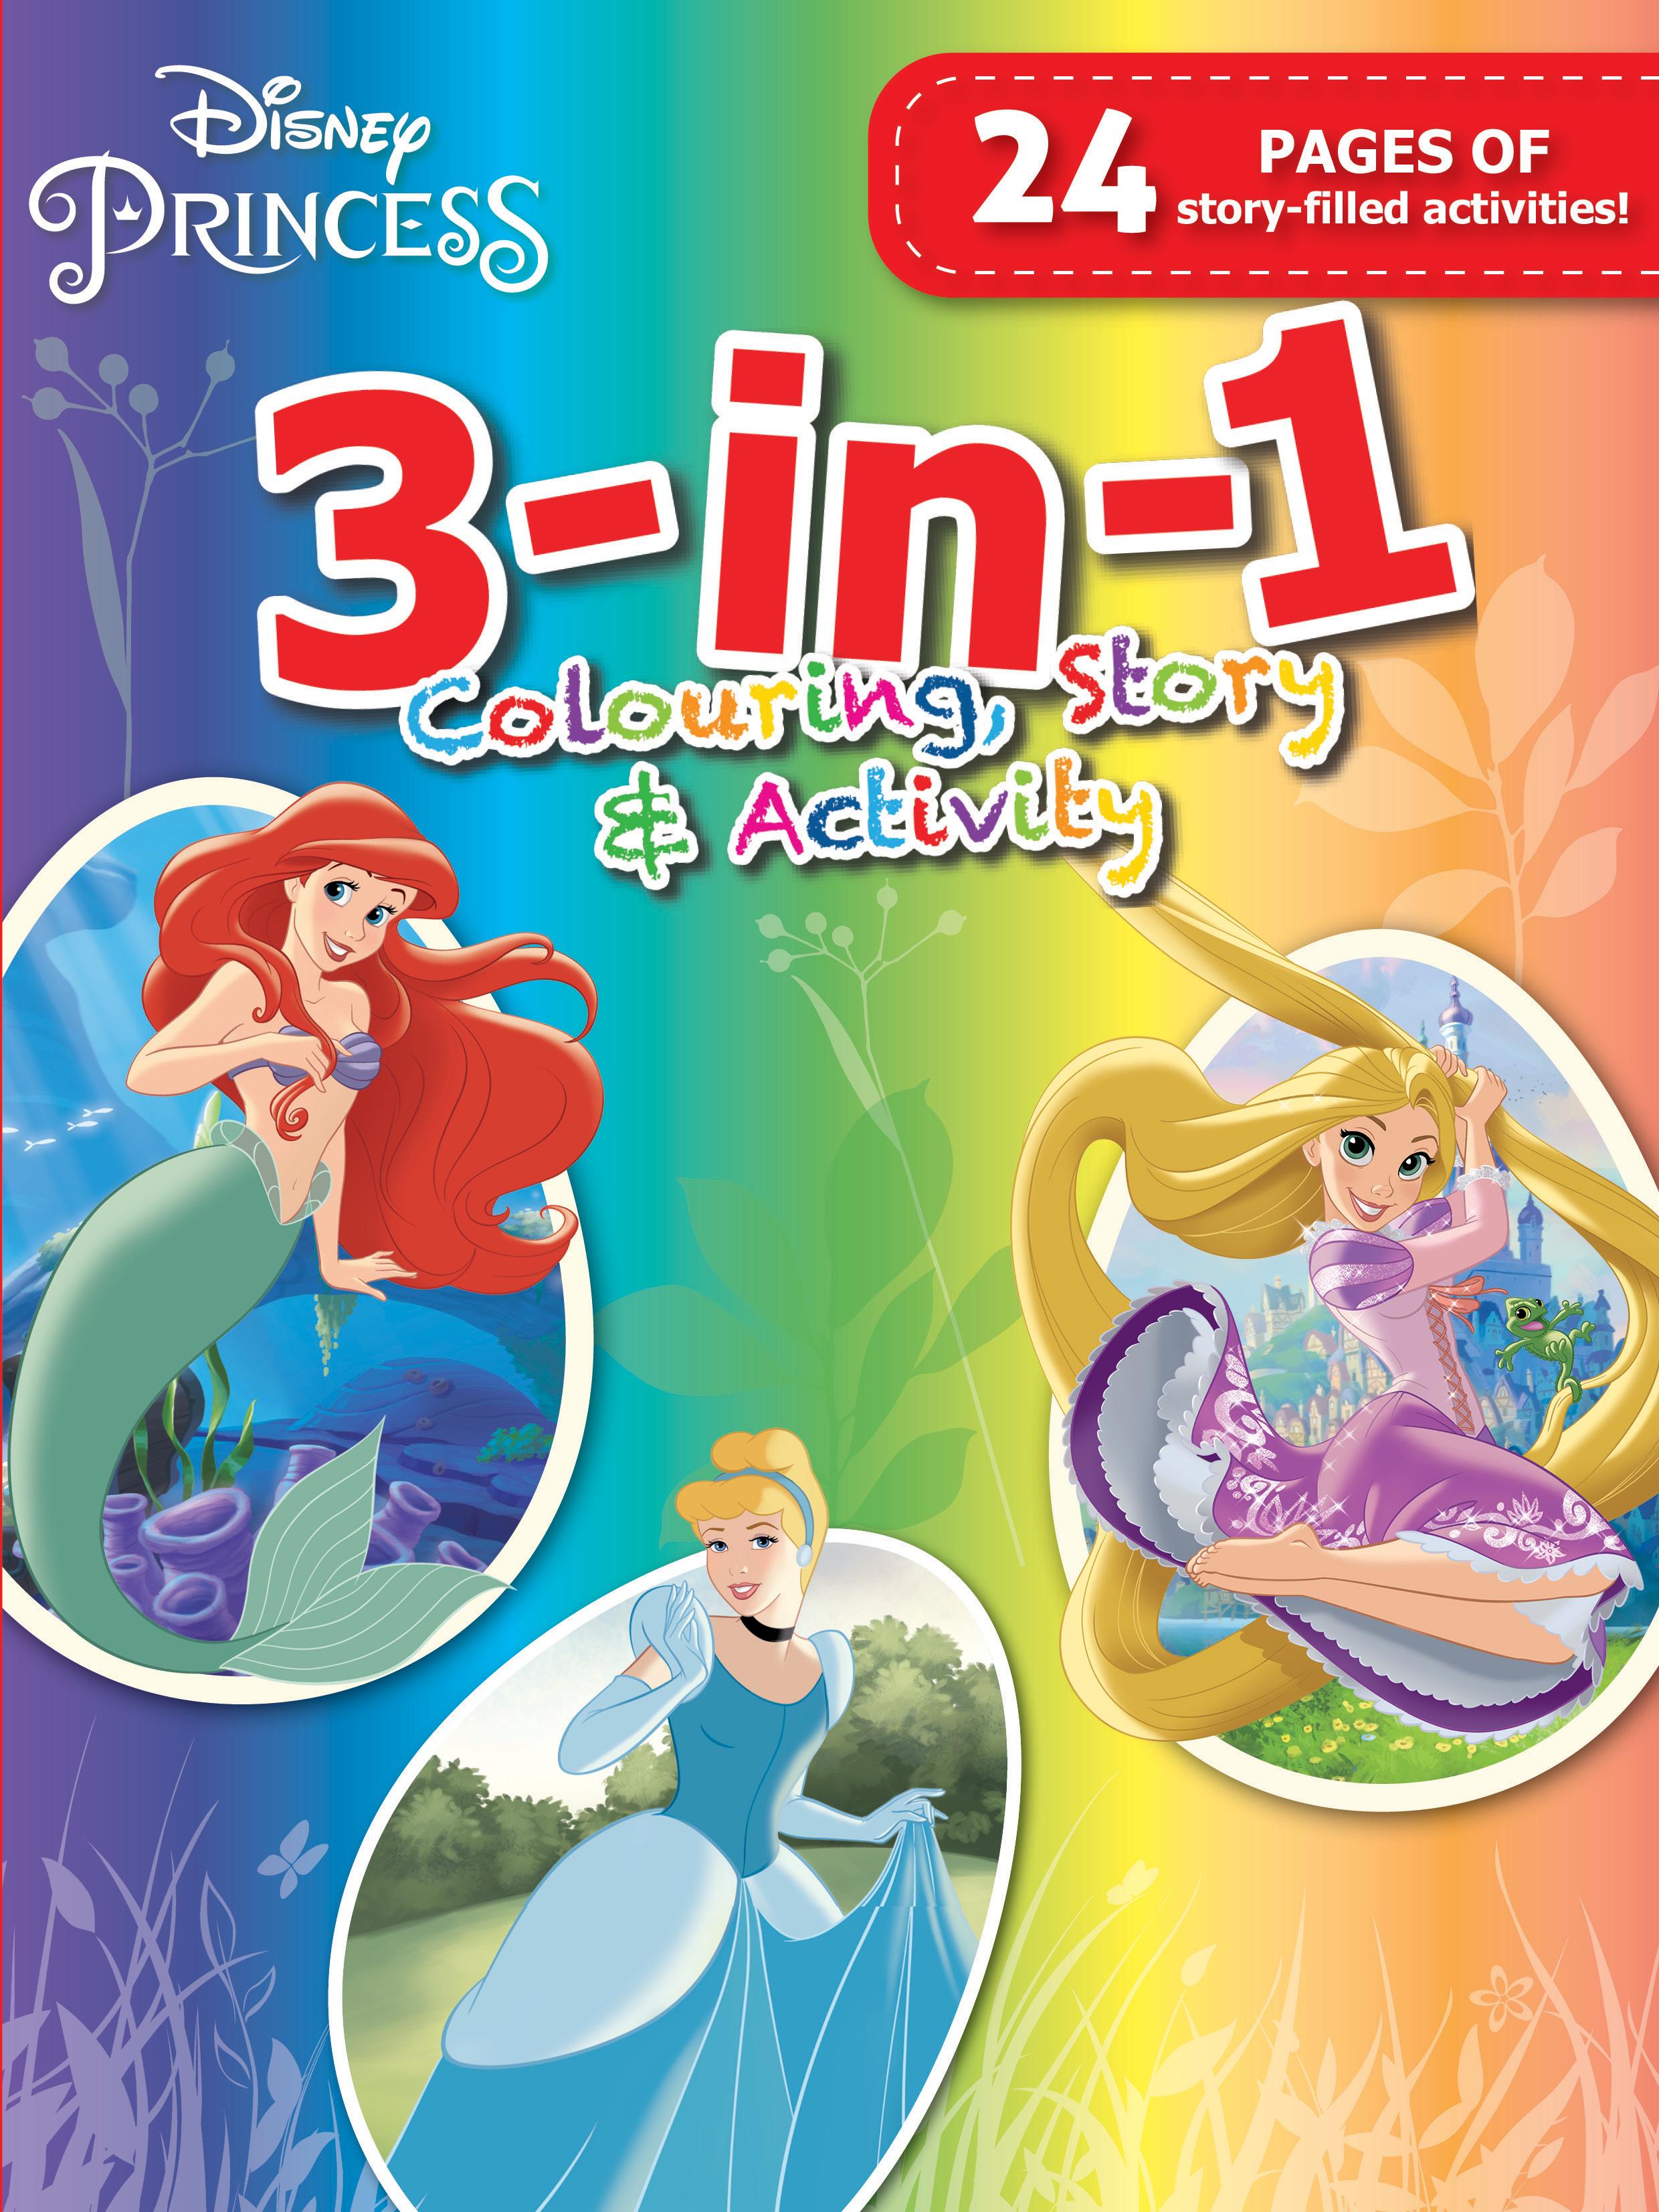 Disney Princess - 3-In-1